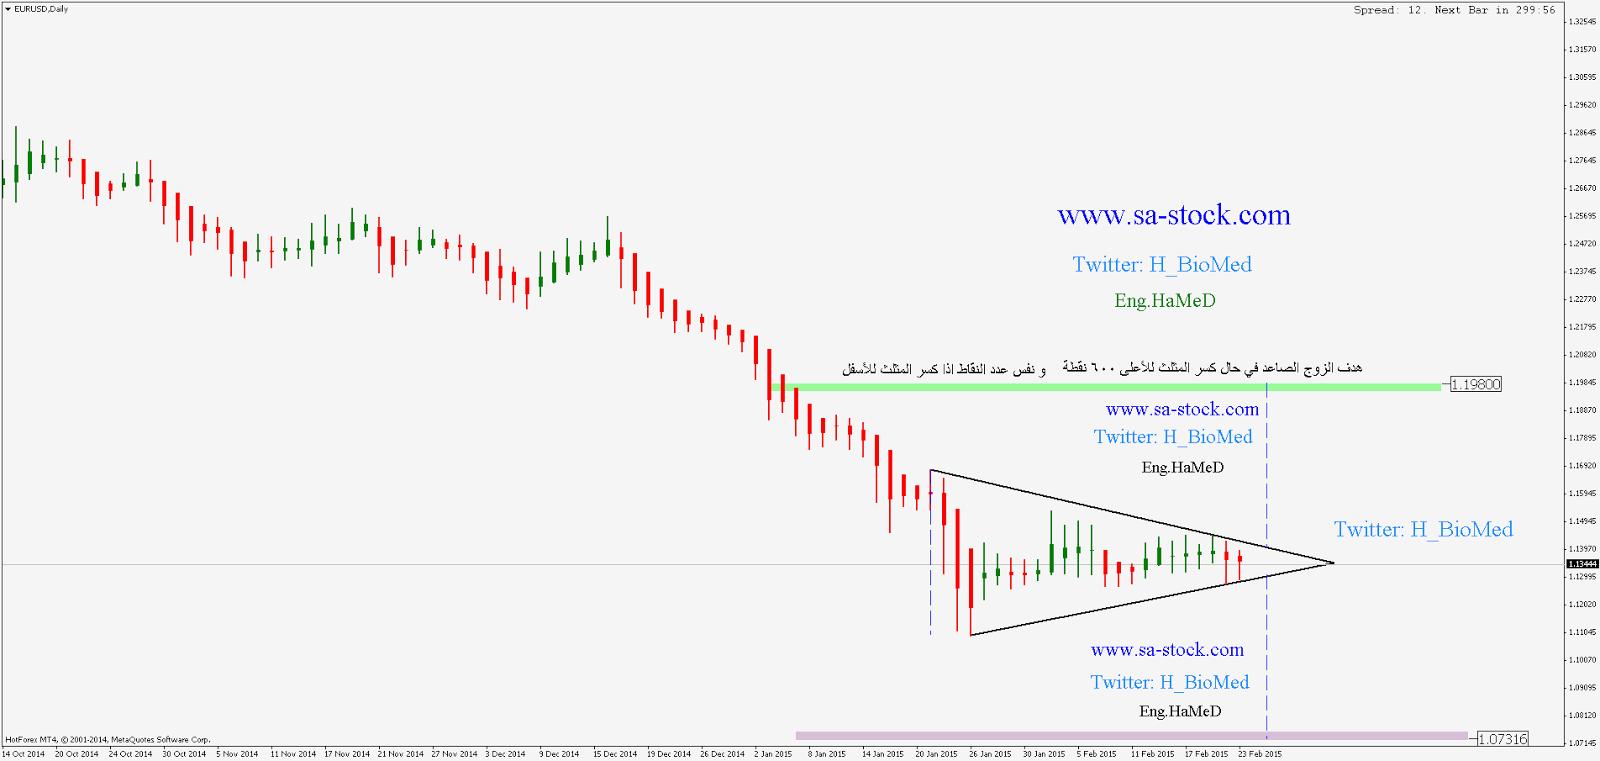 نموذج مثلث تماثلي لتحديد الصفقة على اليورو دولار